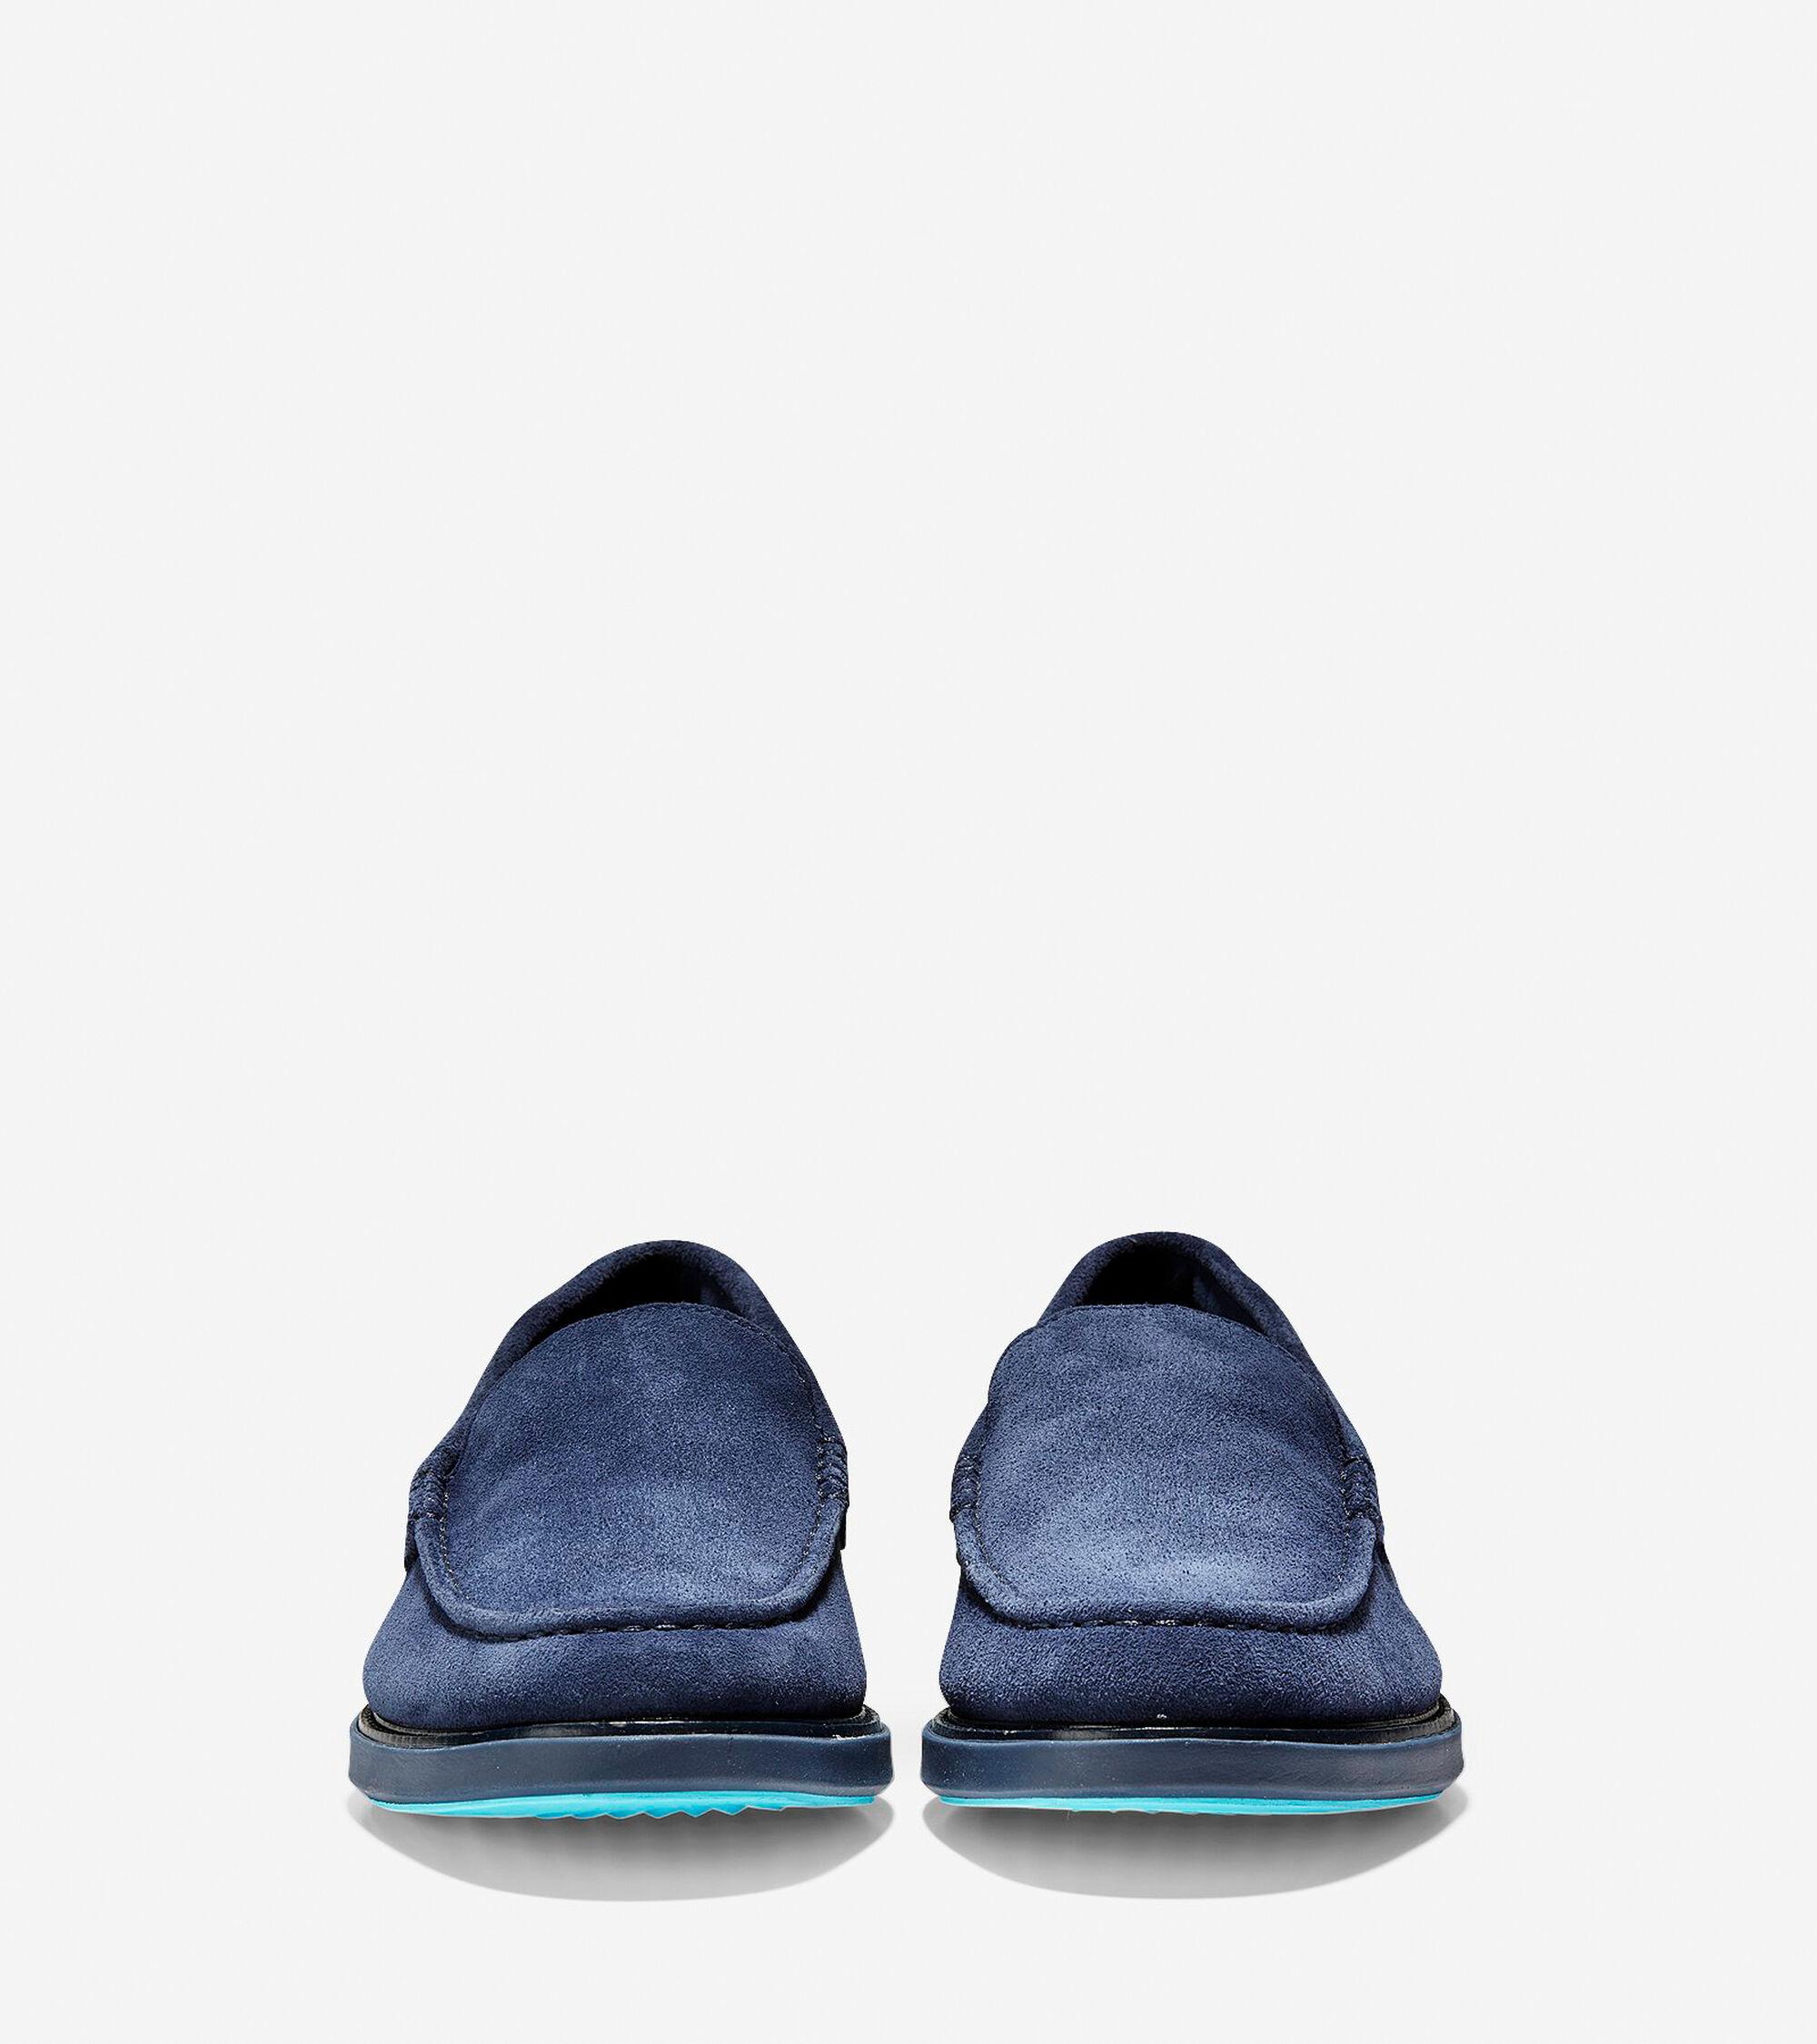 2db3ce09b90 Men s GrandEvølution Venetian Loafer · Men s GrandEvølution Venetian Loafer  ...